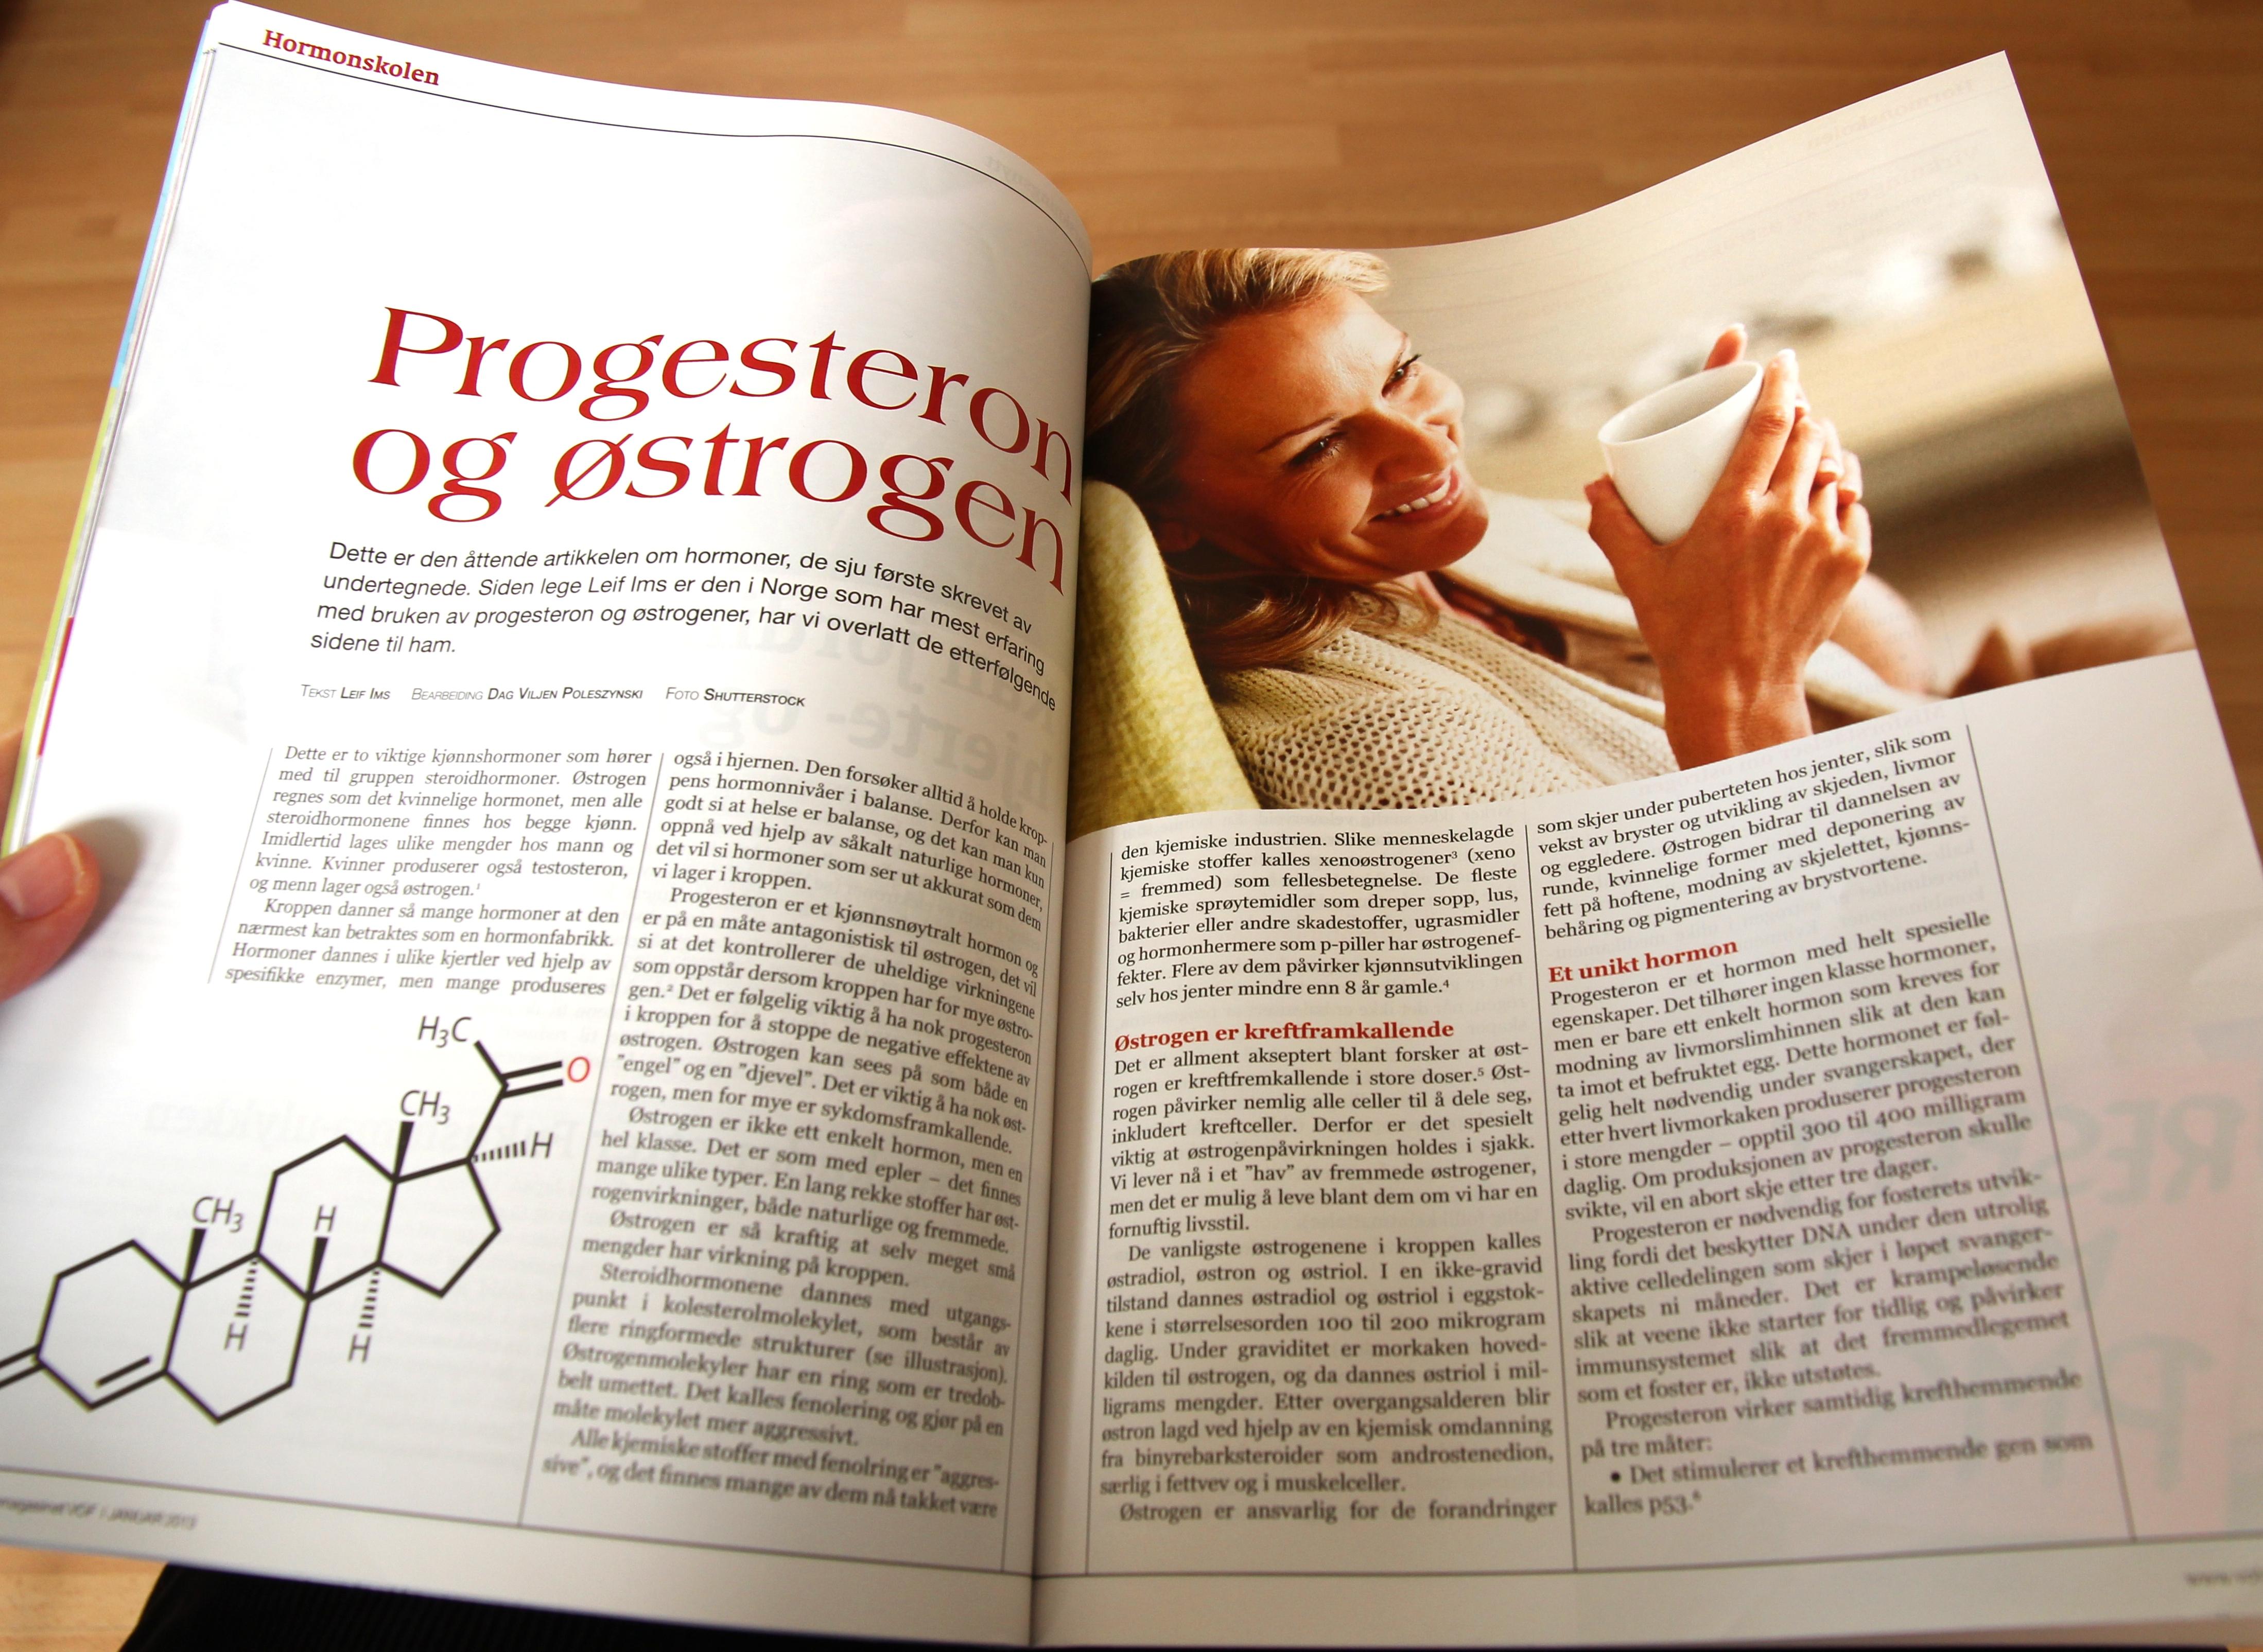 Østrogen og progesteron